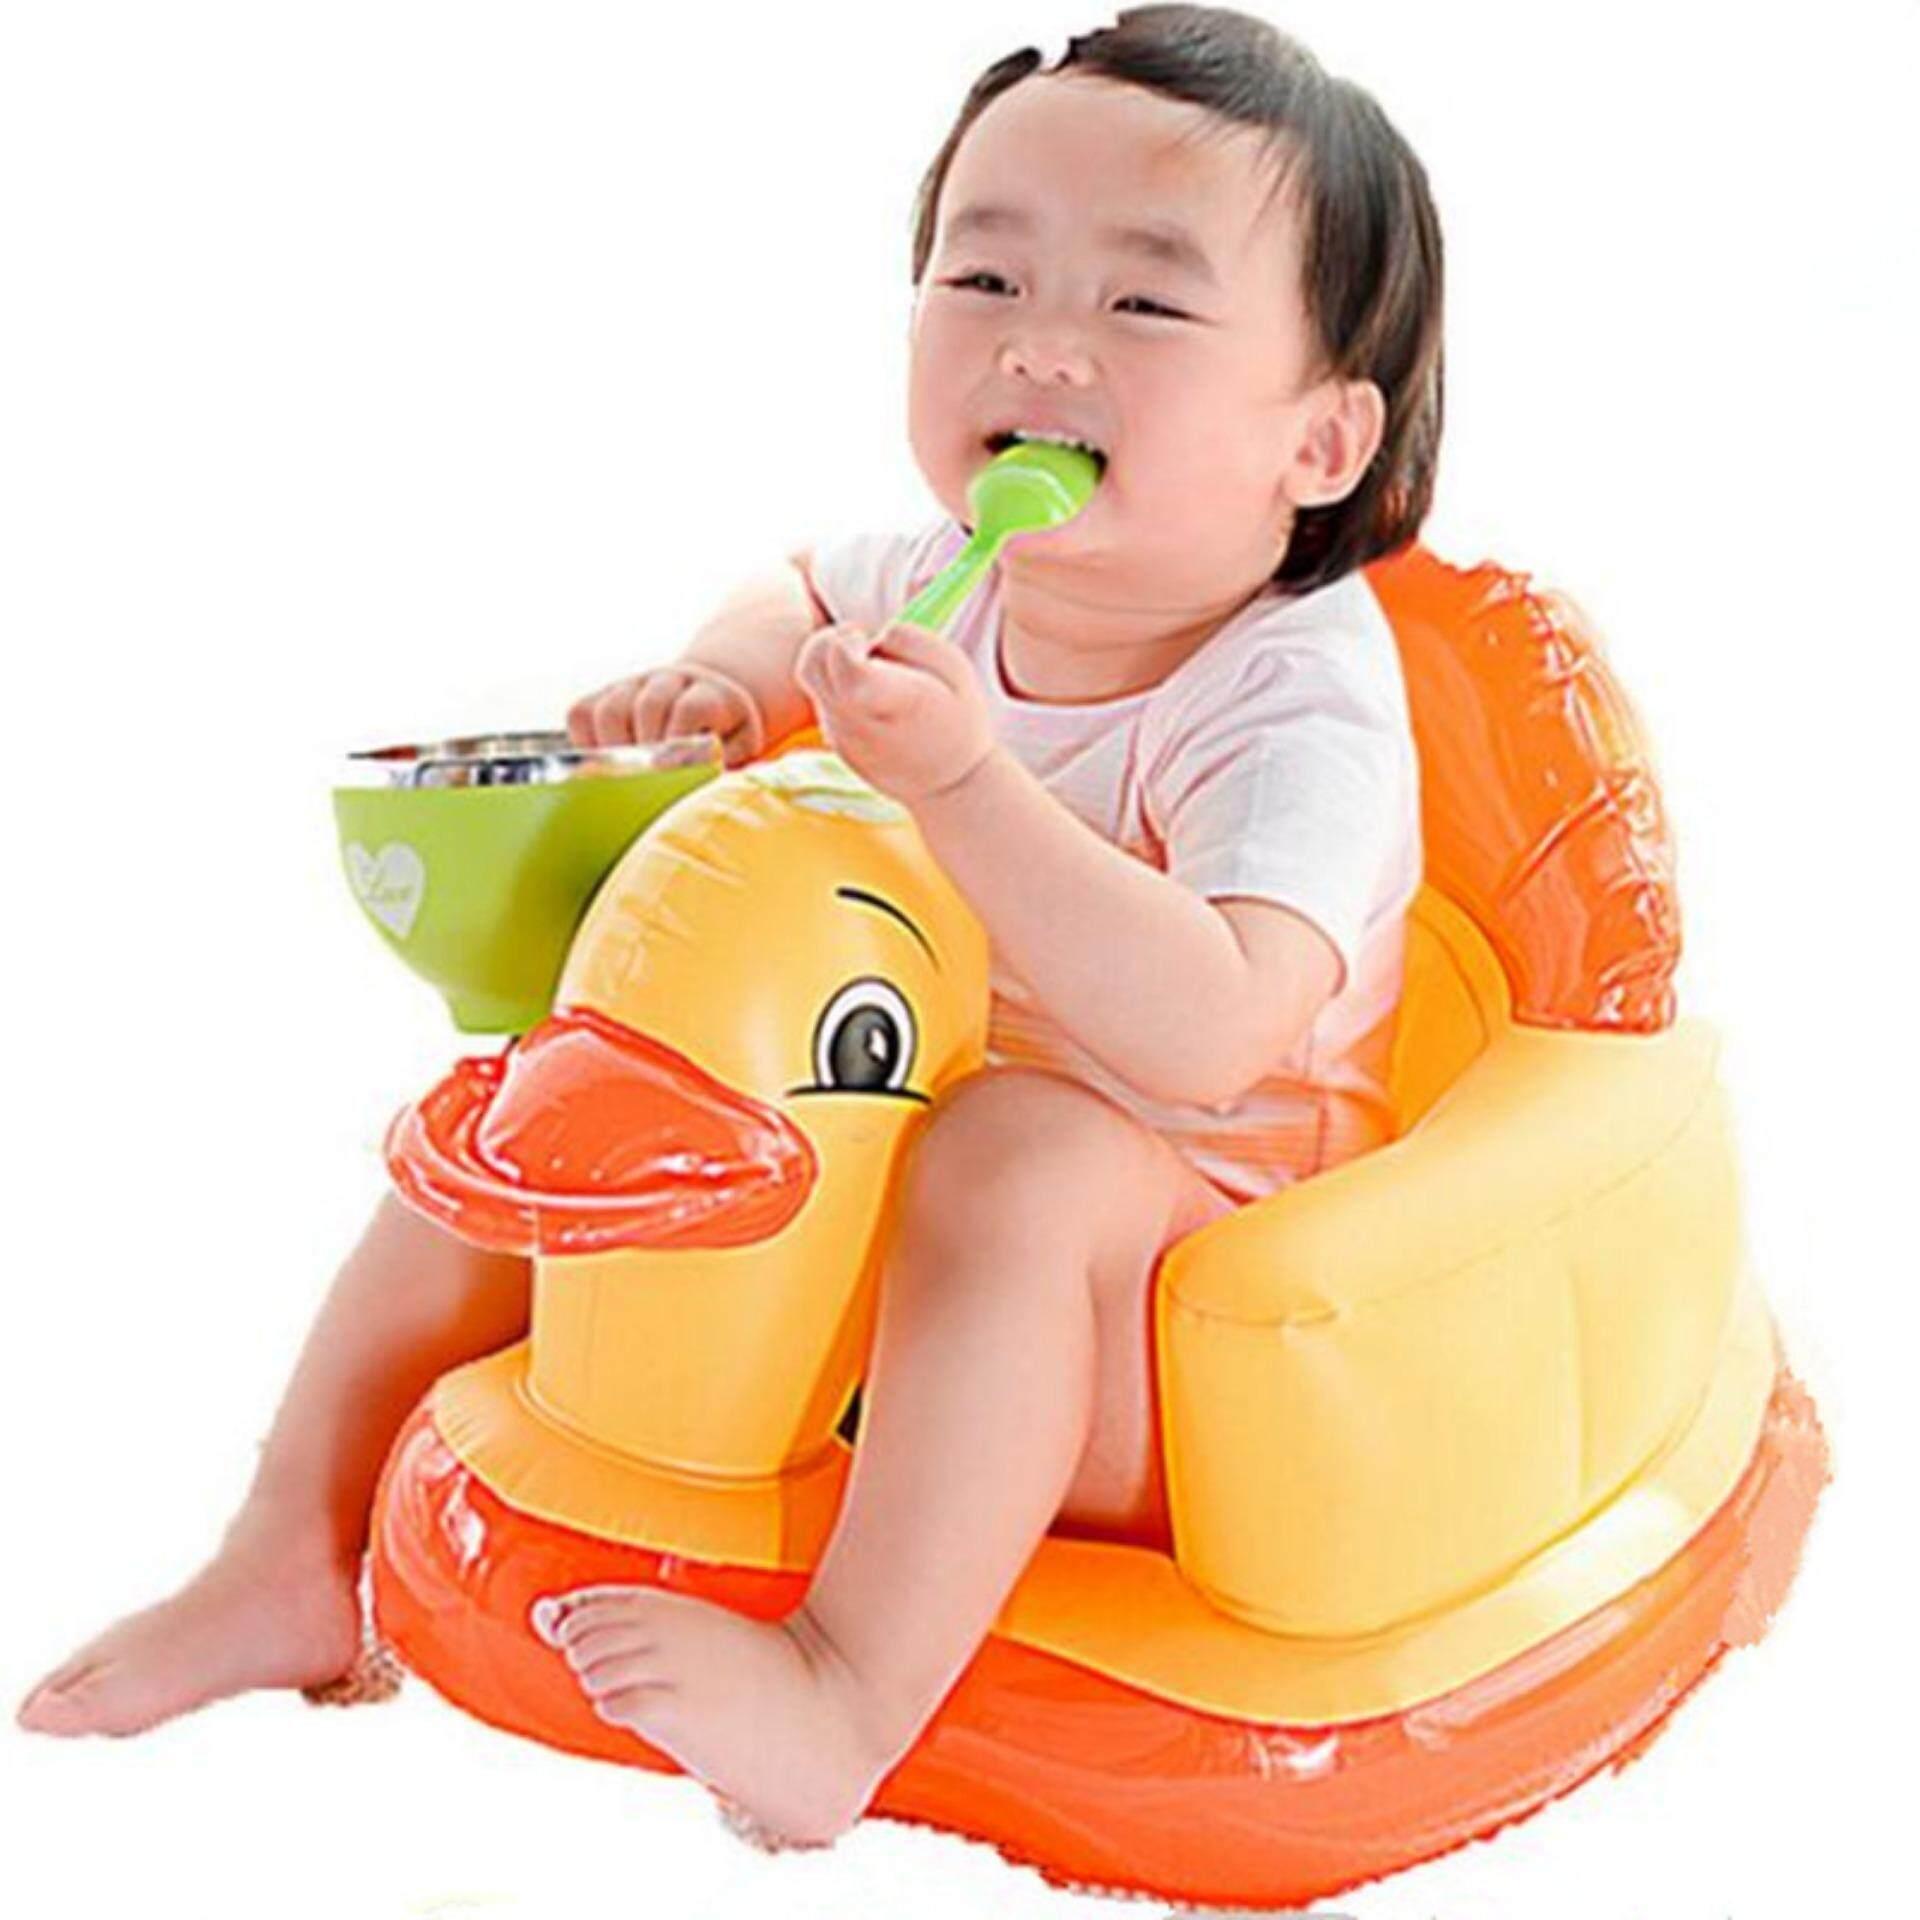 Bayi Dapat Diisi Angin Kursi Tempat Tidur Makan Portabel Lipat Sofa Permainan Bayi Engah Dining Mandi Kursi Sofa Plastik Stools-Internasional